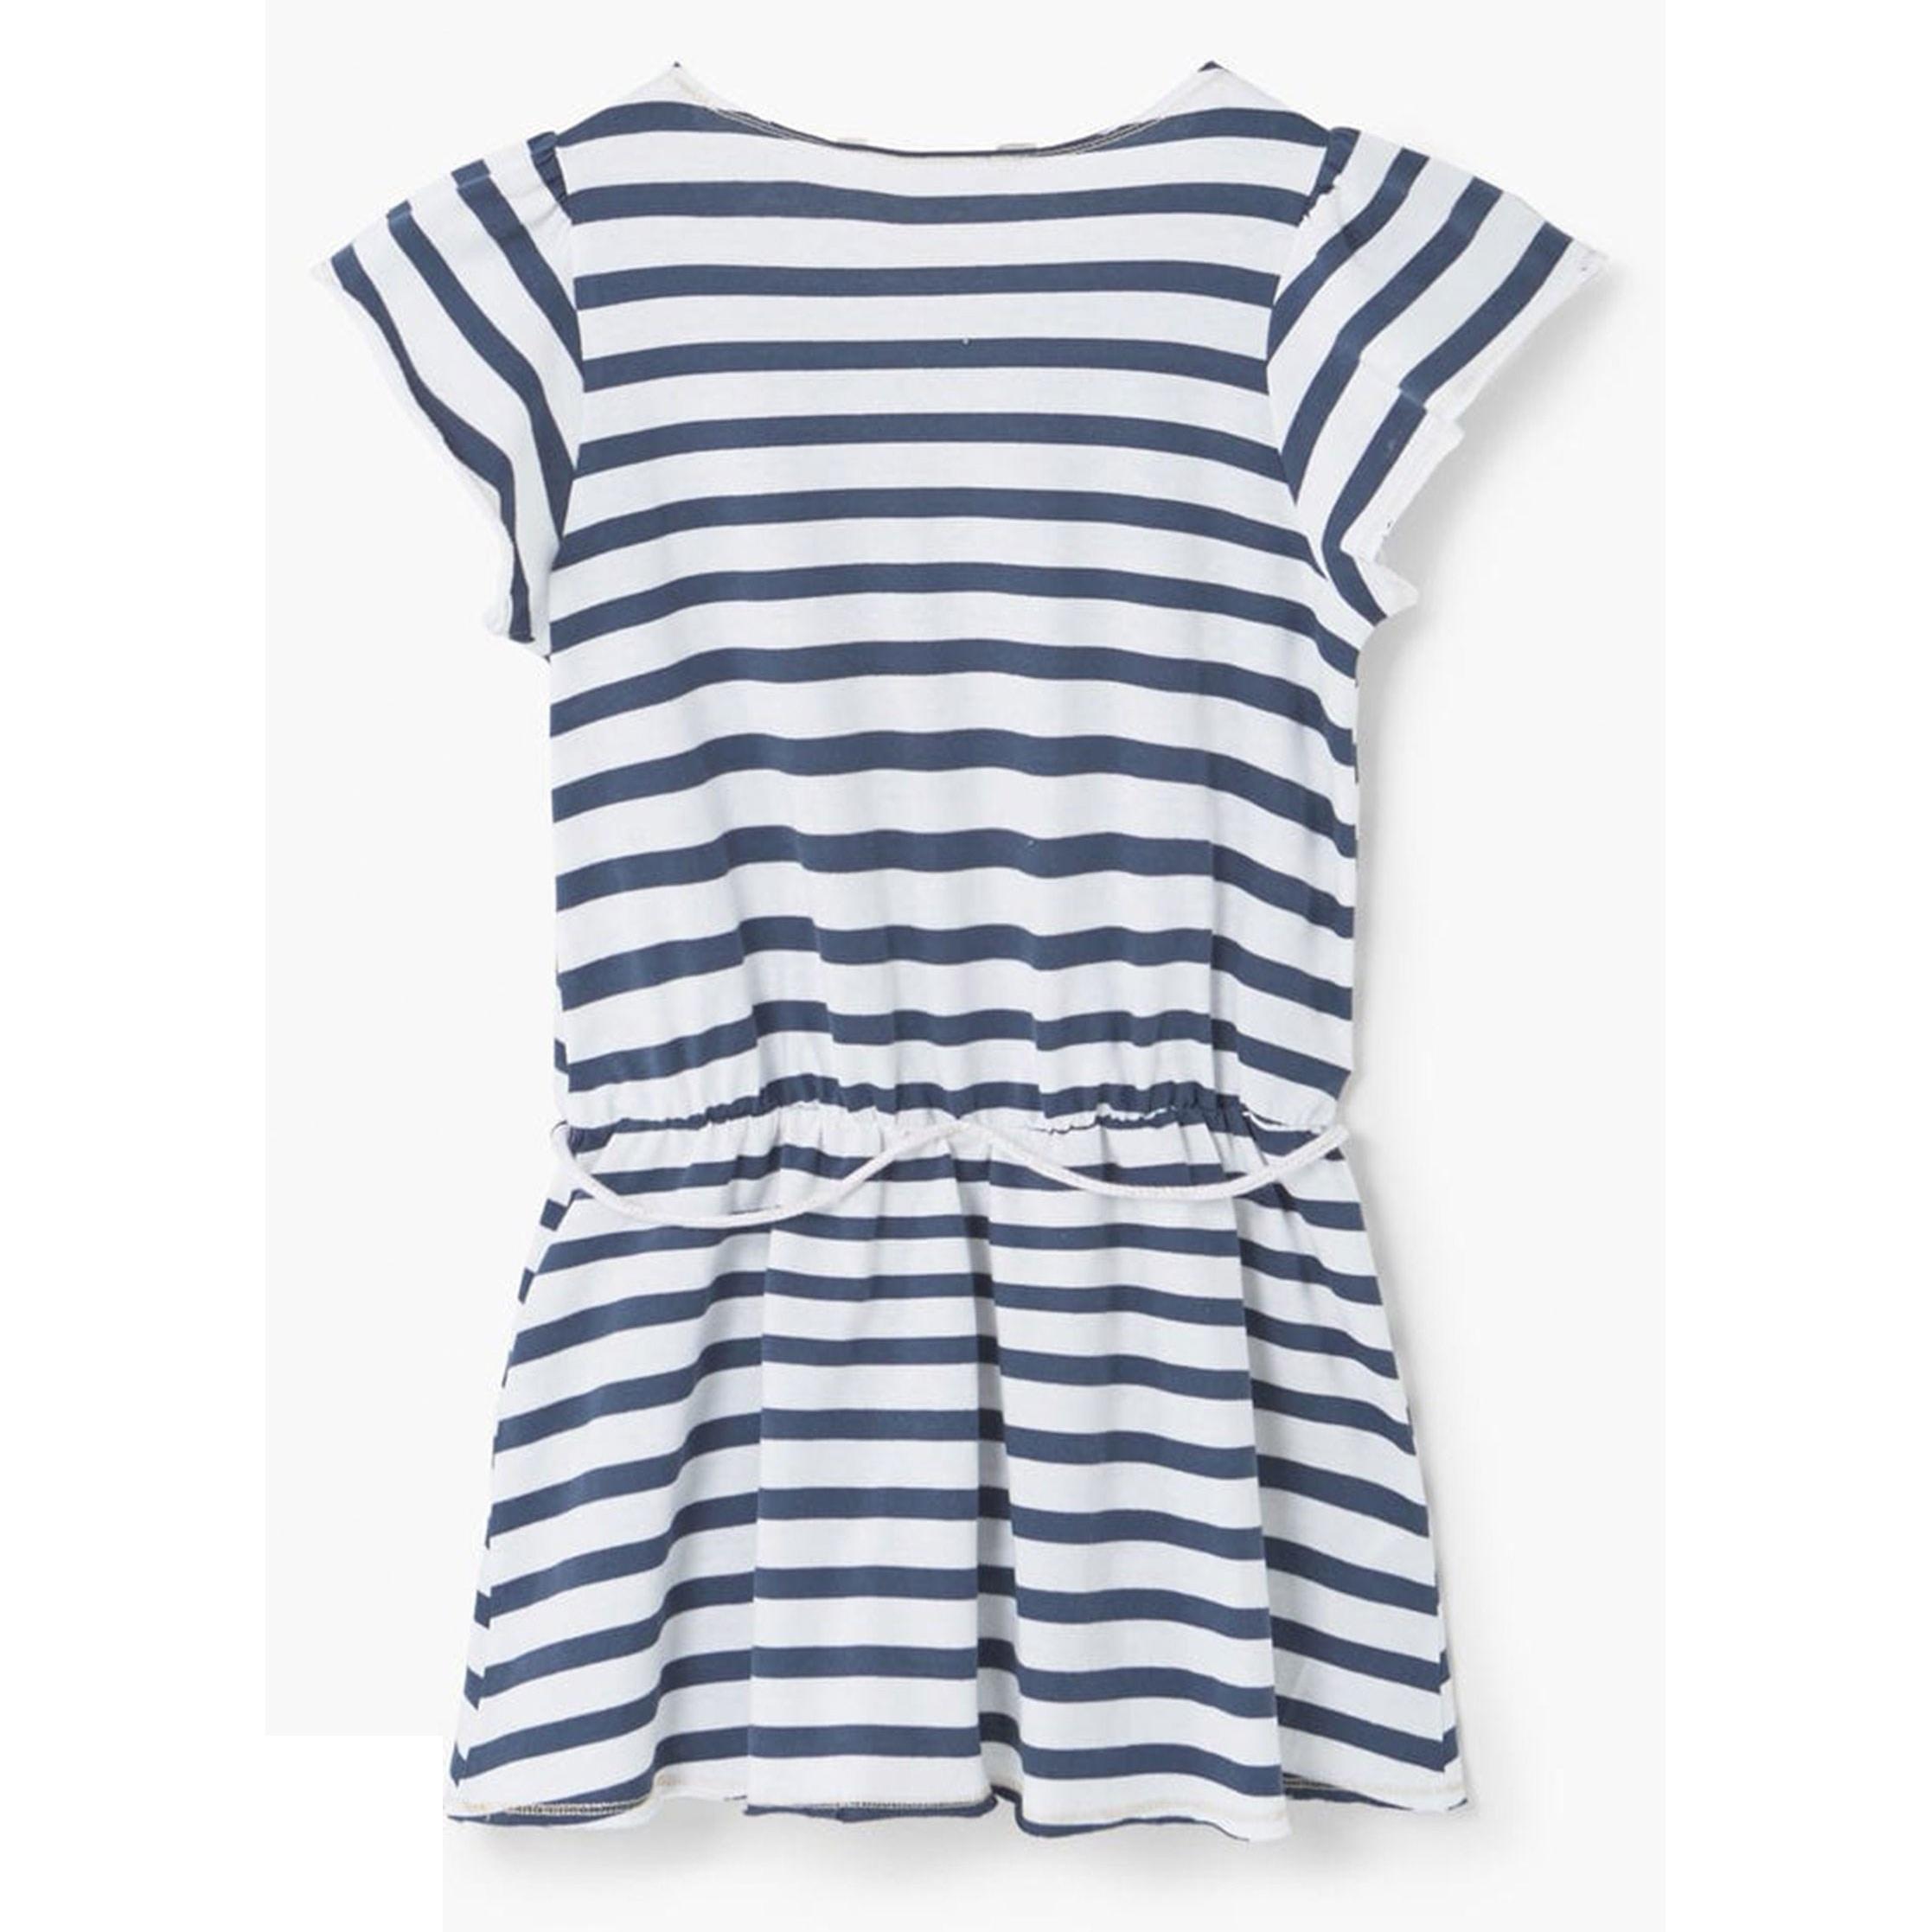 پیراهن نخی کوتاه دخترانه - مانگو -  - 2